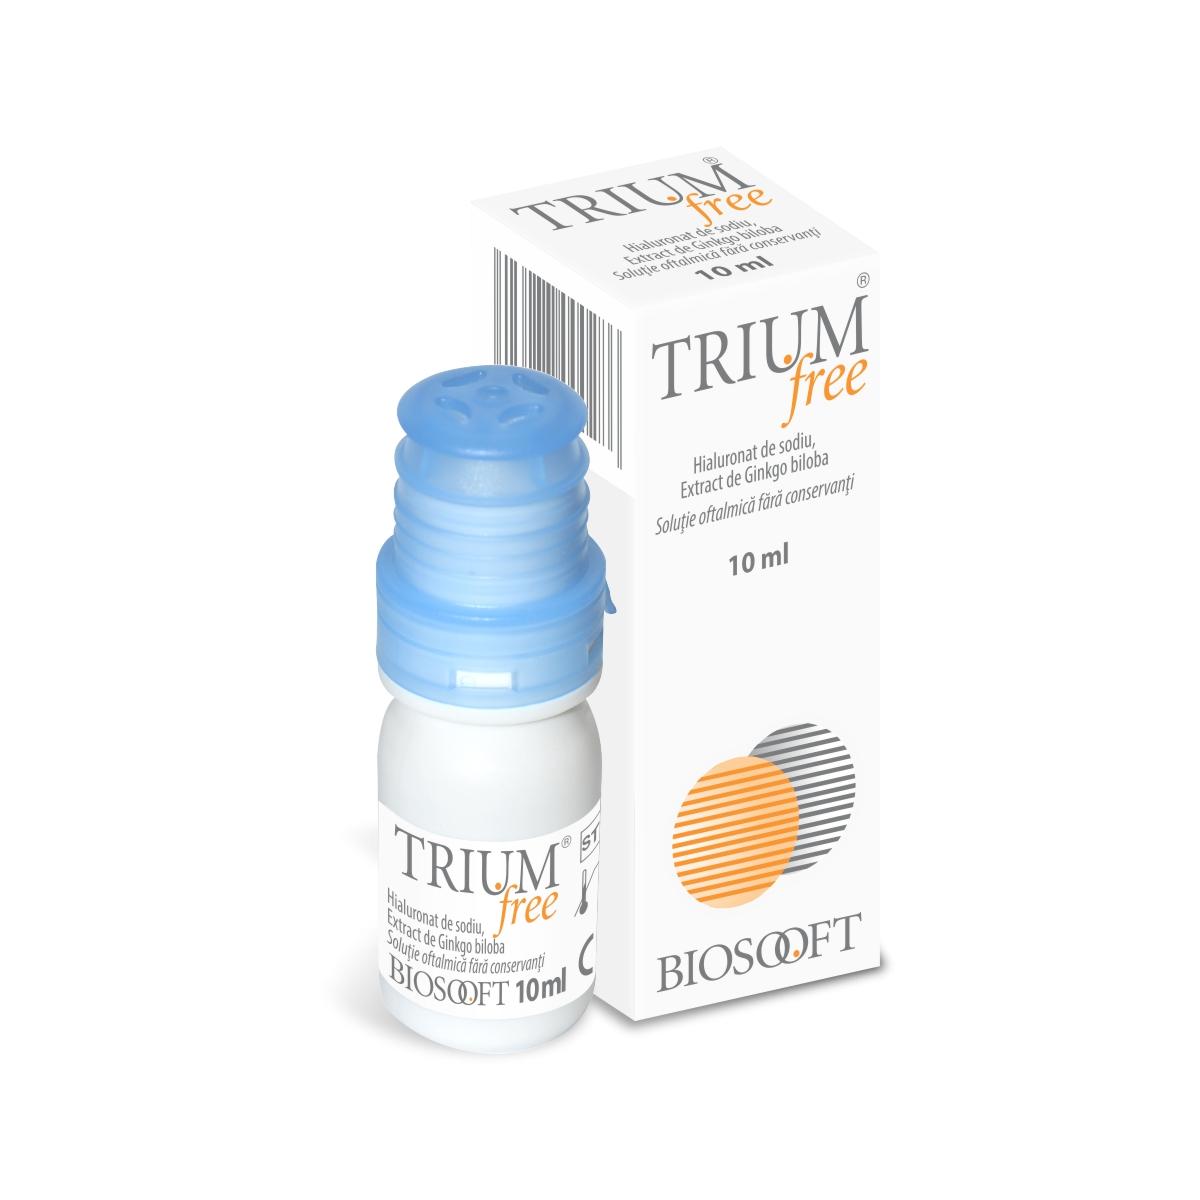 Trium free picături,10 ml, Biosooft Italia